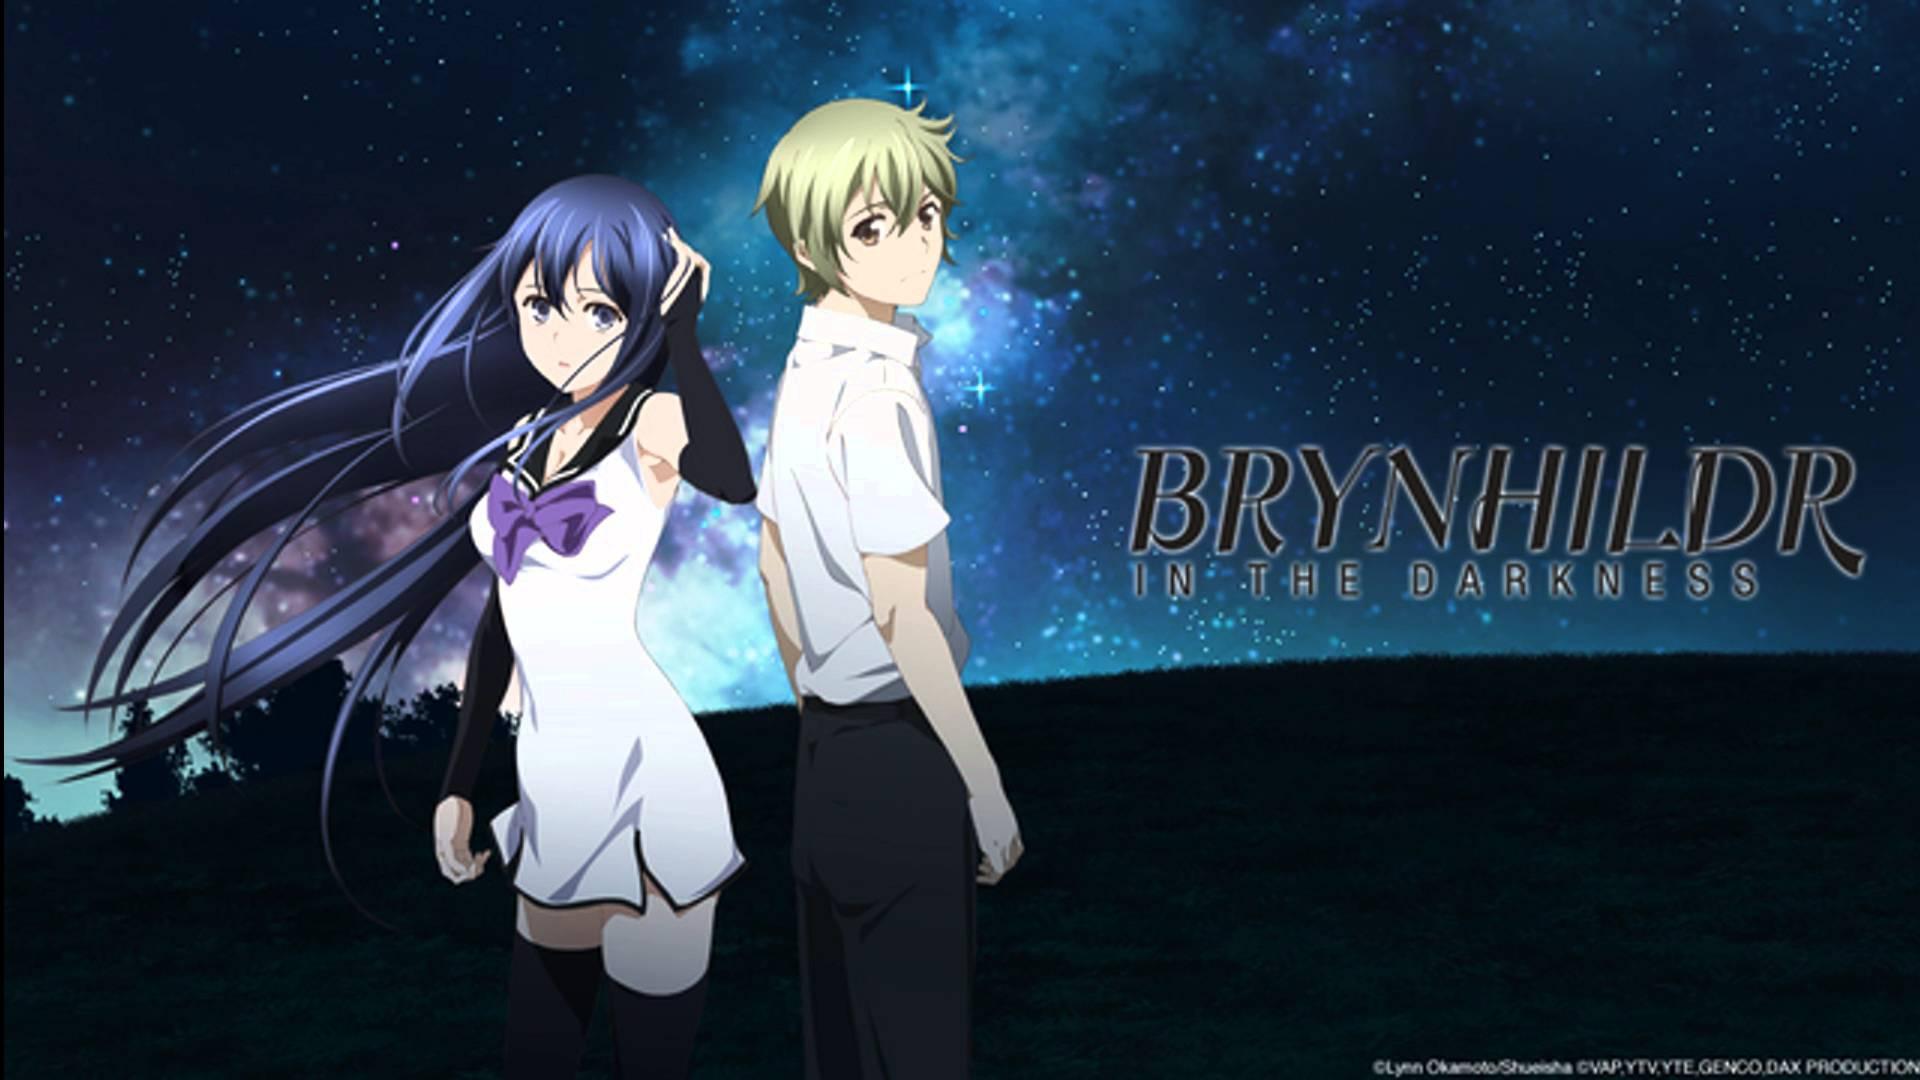 Gokukoku no Brynhildr (Brynhildr in the Darkness)